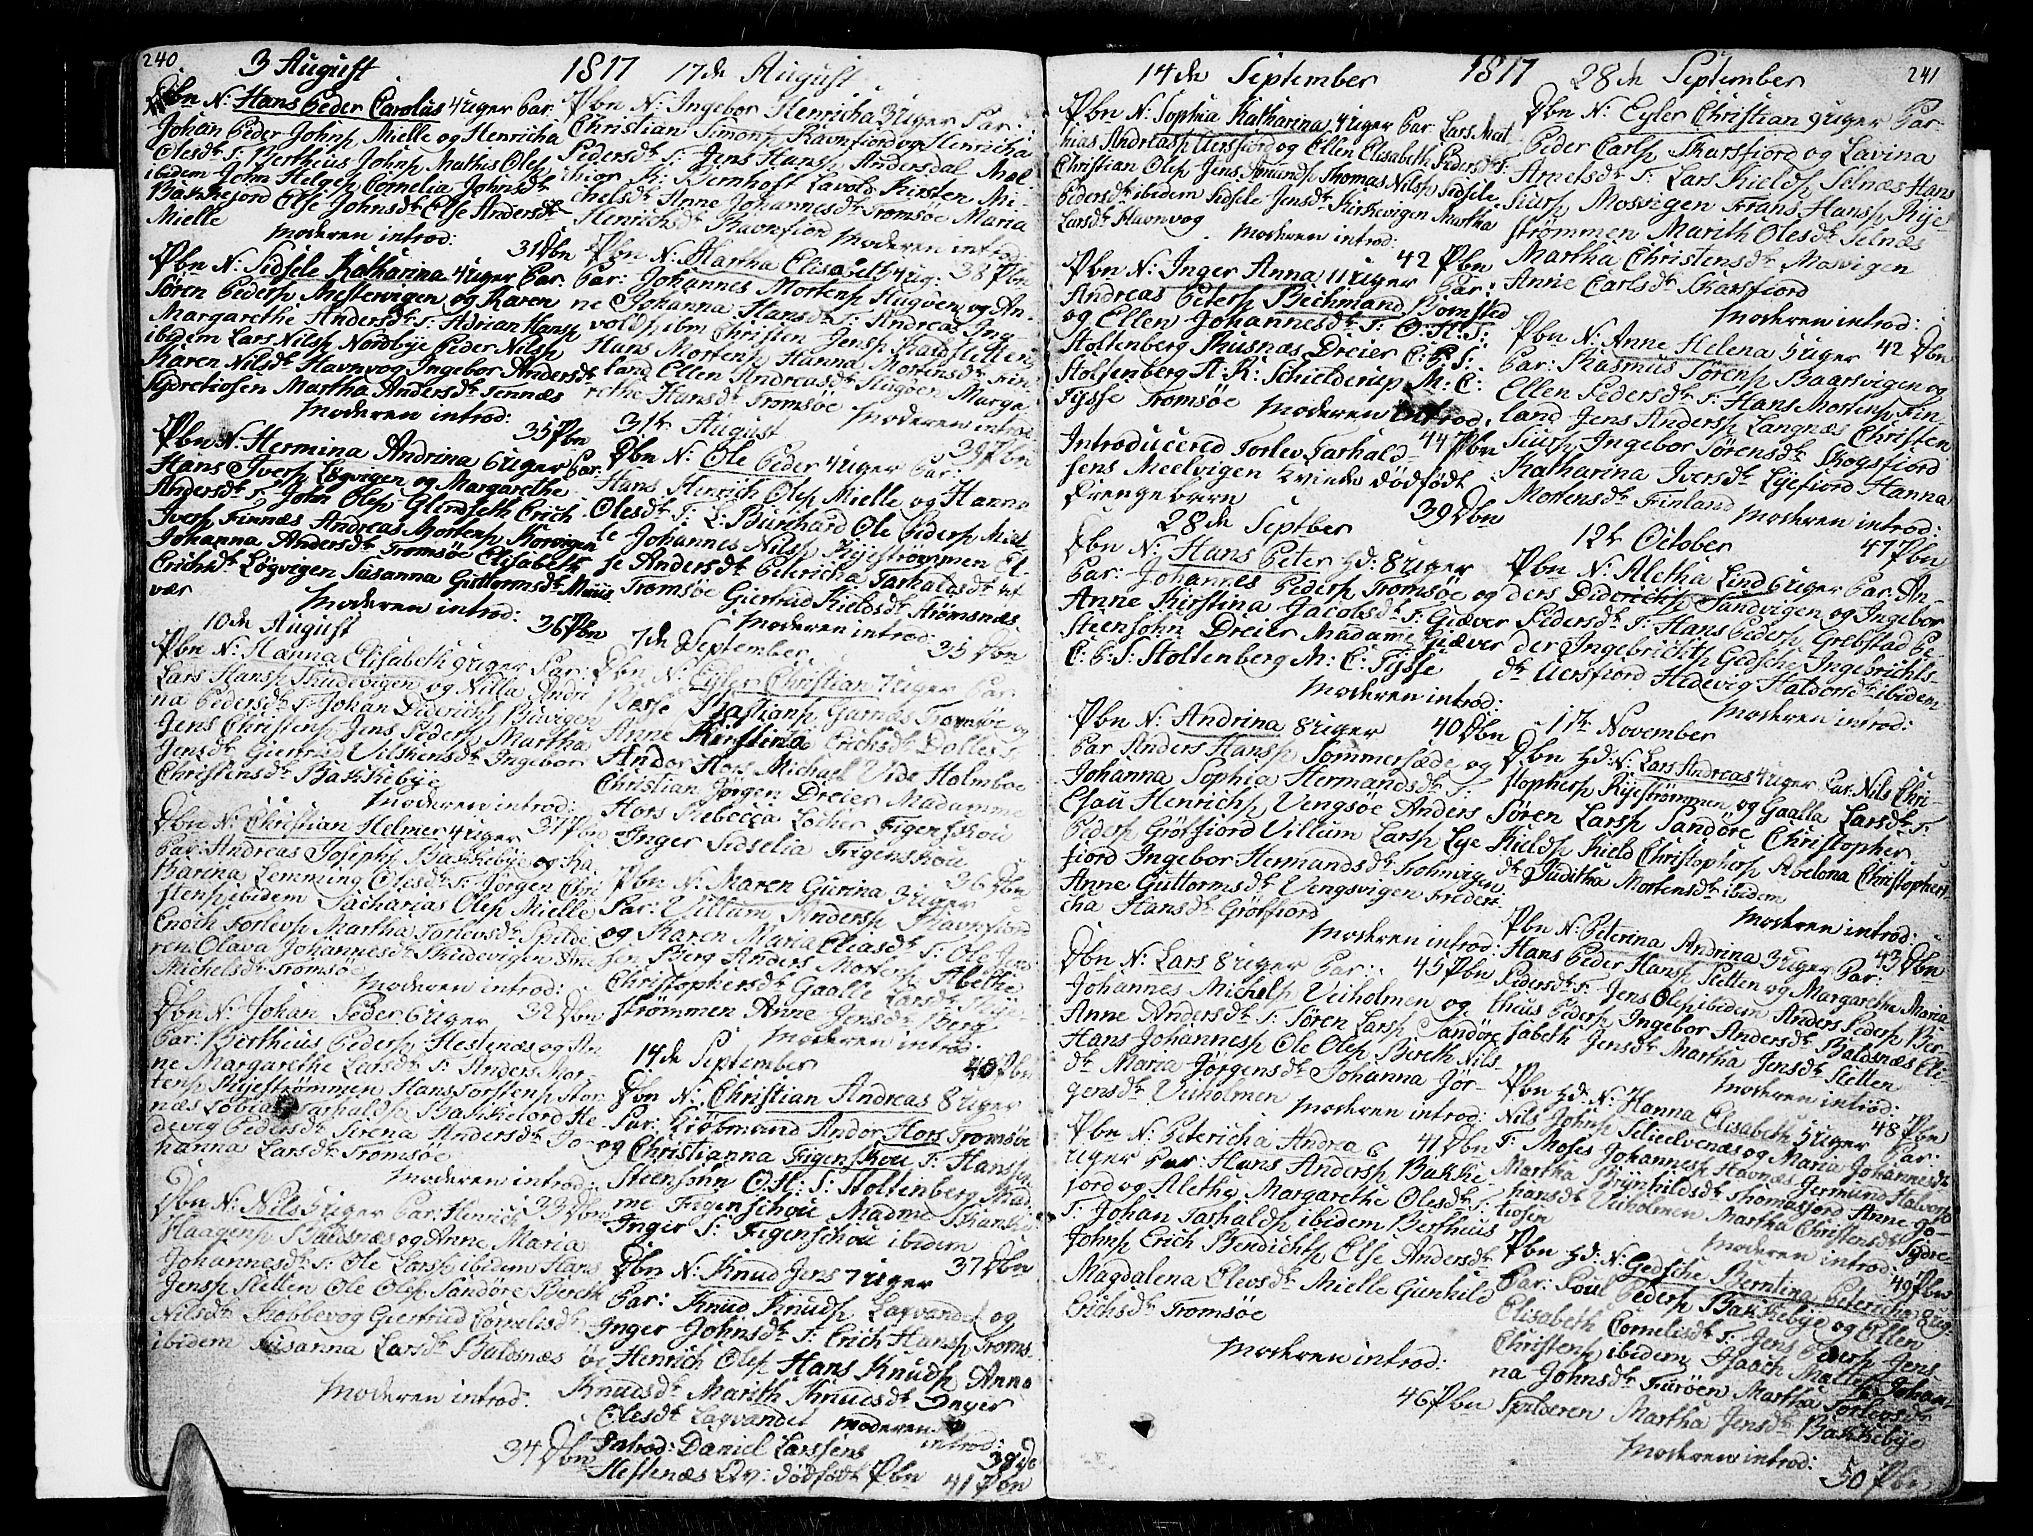 SATØ, Tromsø sokneprestkontor/stiftsprosti/domprosti, G/Ga/L0006kirke: Ministerialbok nr. 6, 1806-1821, s. 240-241